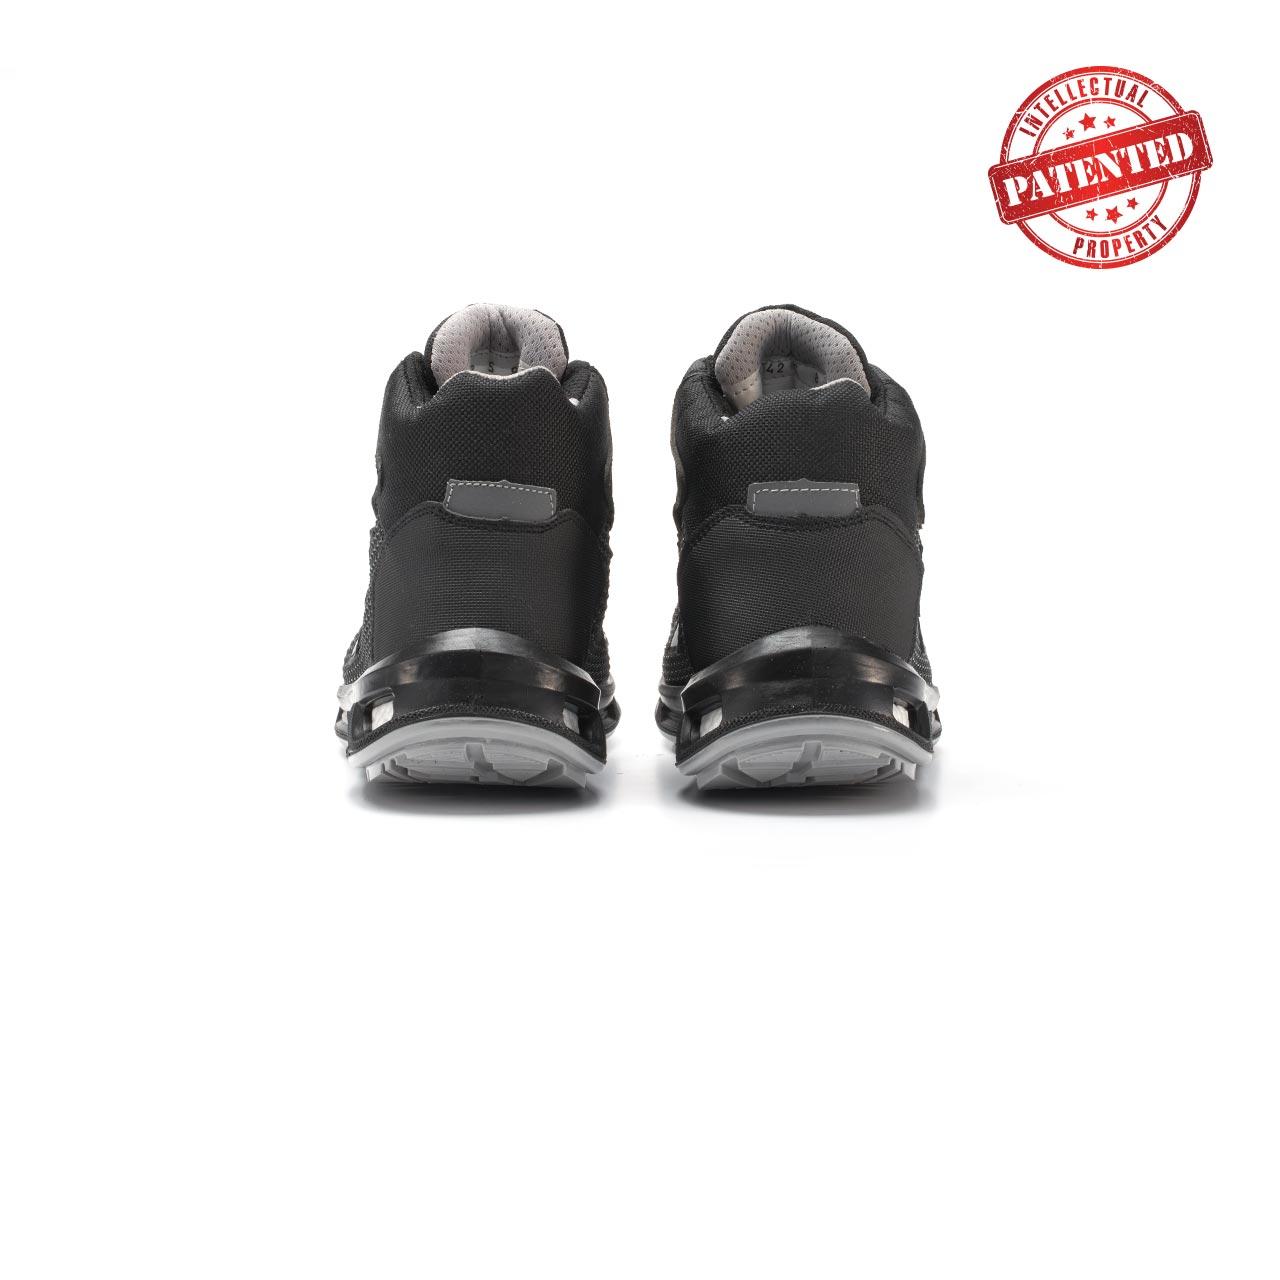 paio di scarpe antinfortunistiche alte upower modello stego linea redlion vista retro